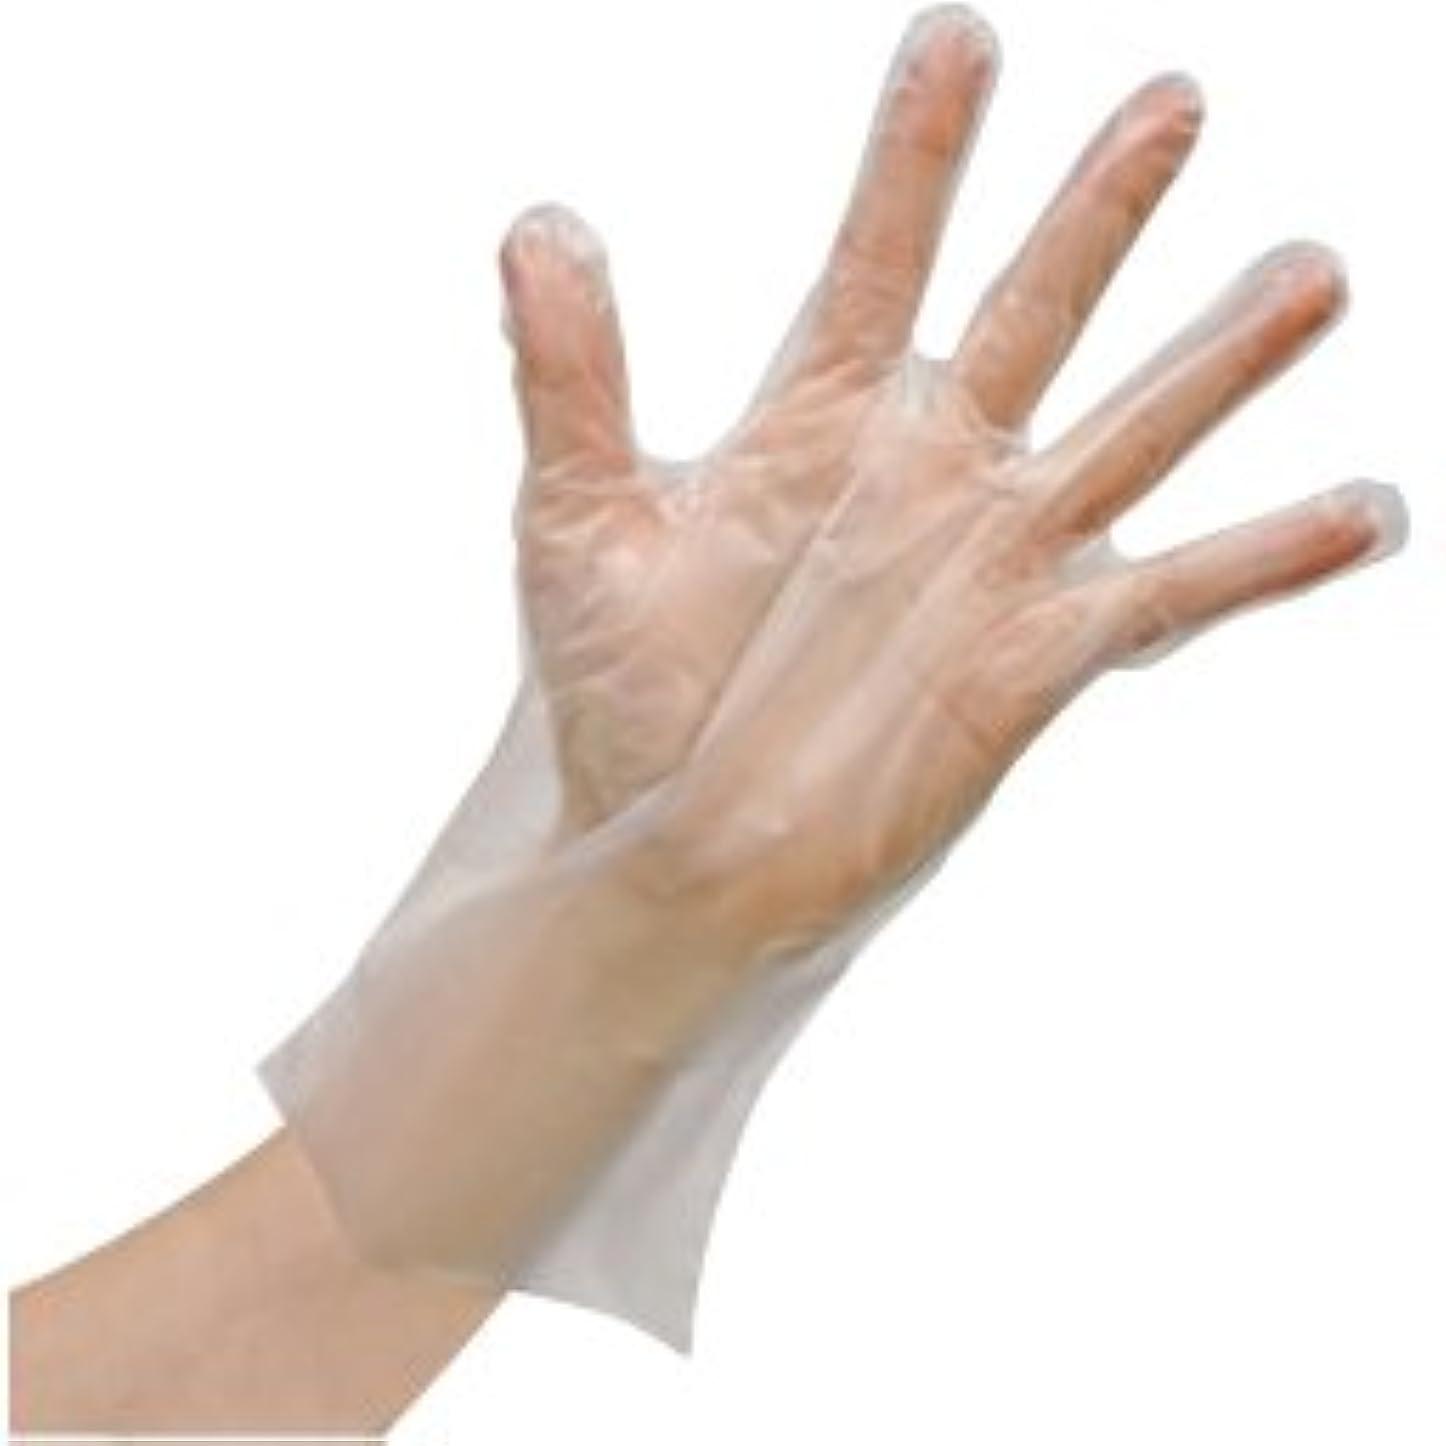 無臭フィードオン細分化する使いきりLDポリエチレン手袋(箱) FR-5812(M)100???? ?????LD????????(??)(24-6743-01)【ファーストレイト】[60箱単位]